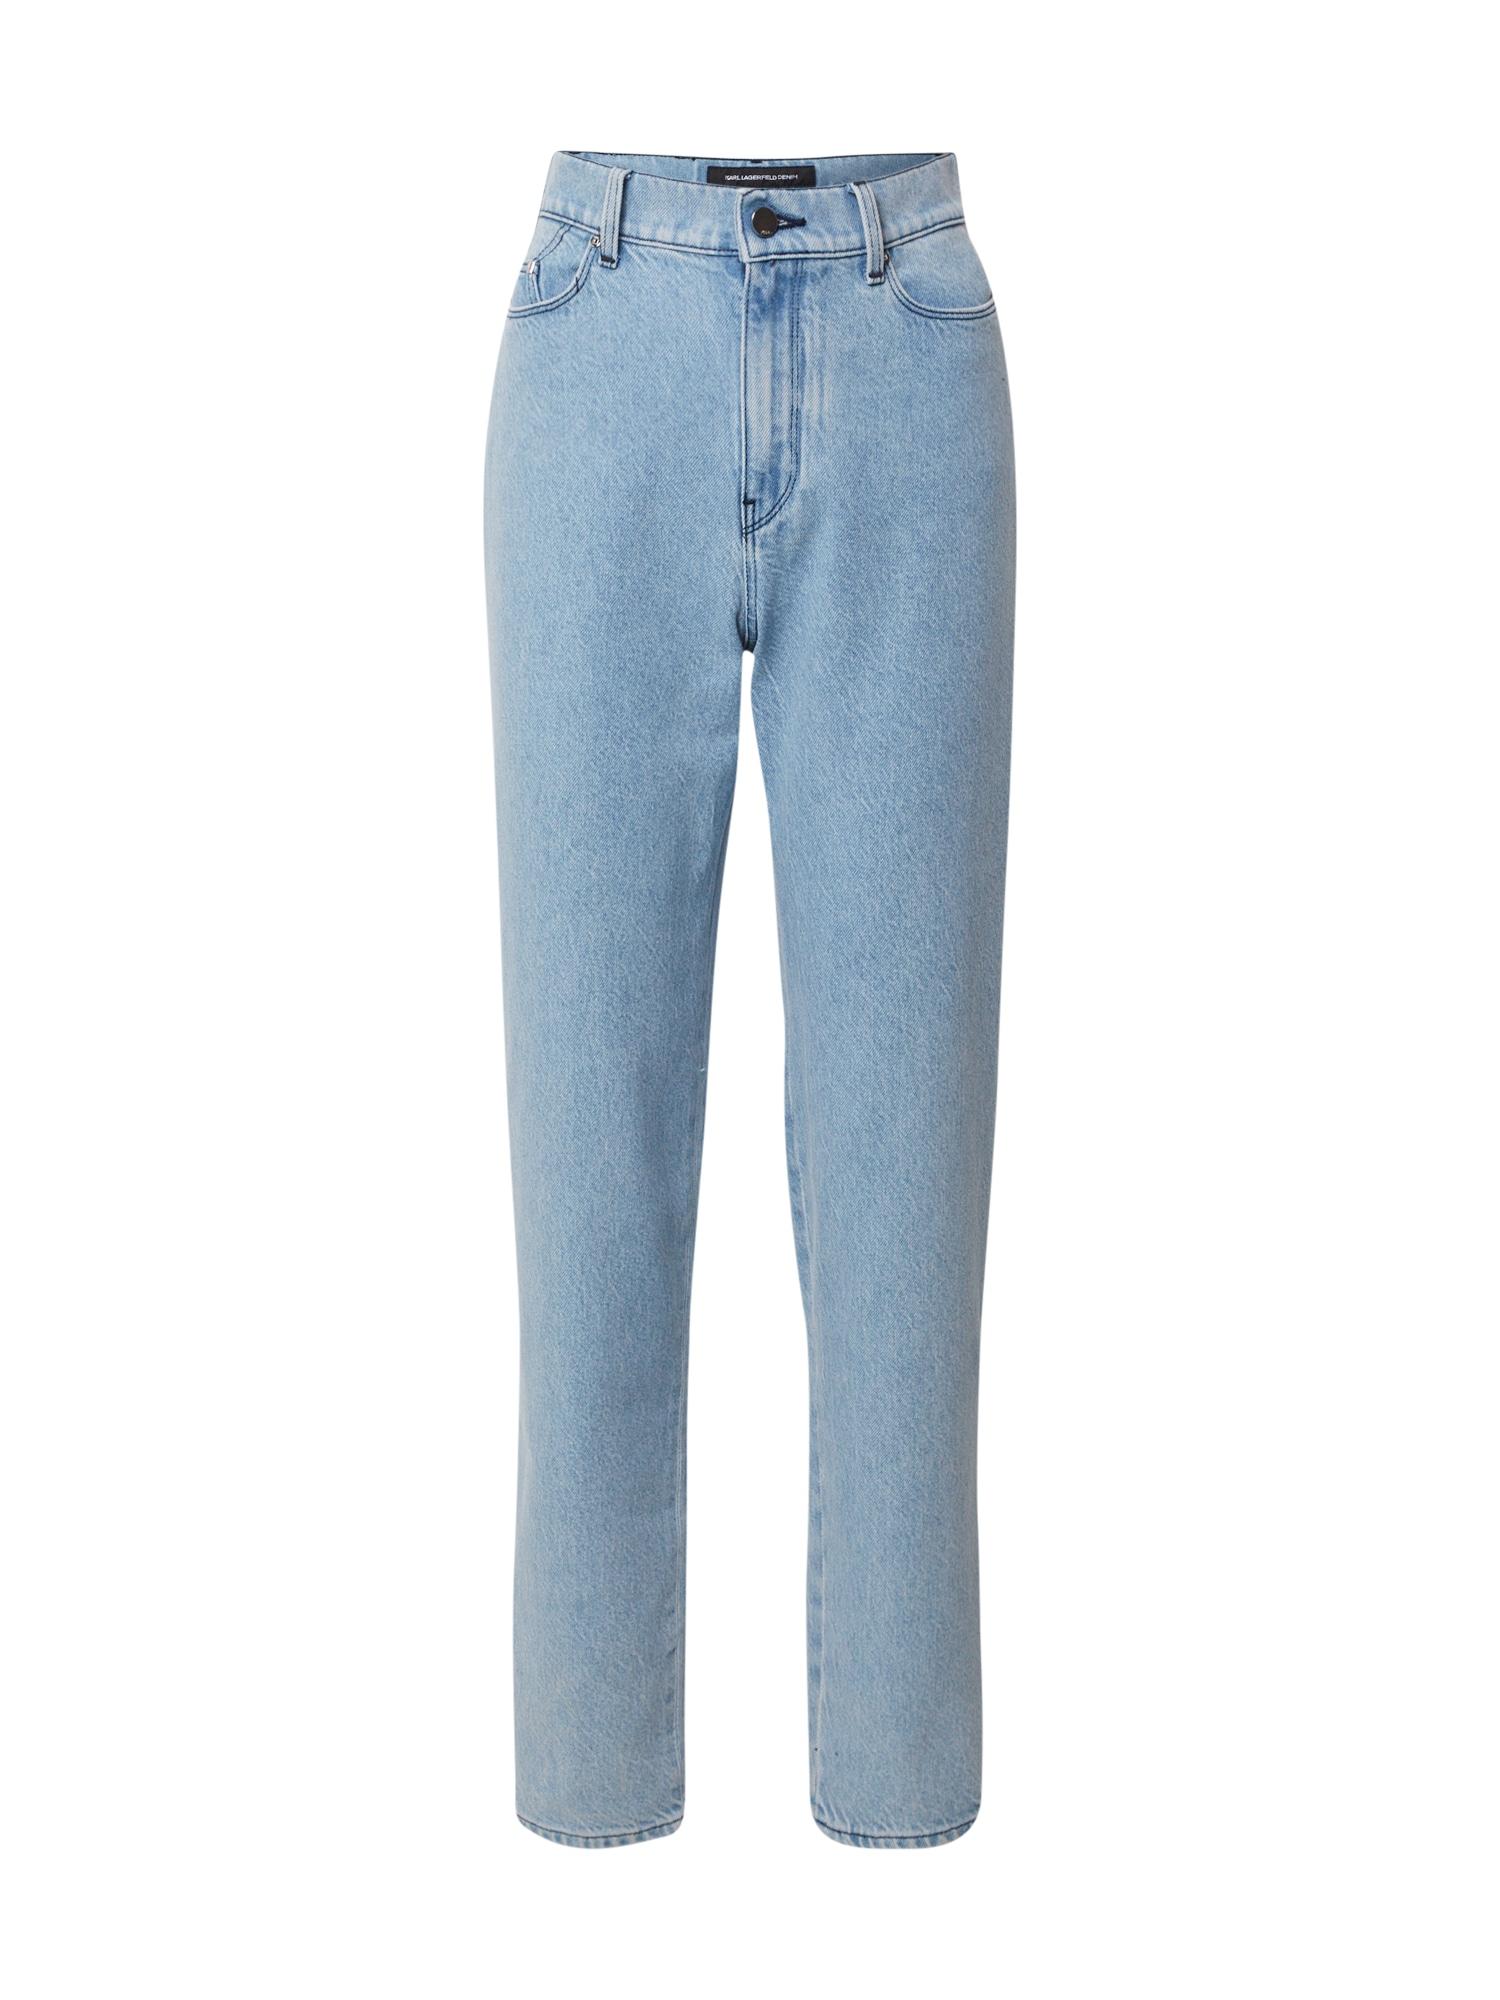 Karl Lagerfeld Denim Džíny 'WP0022'  modrá džínovina